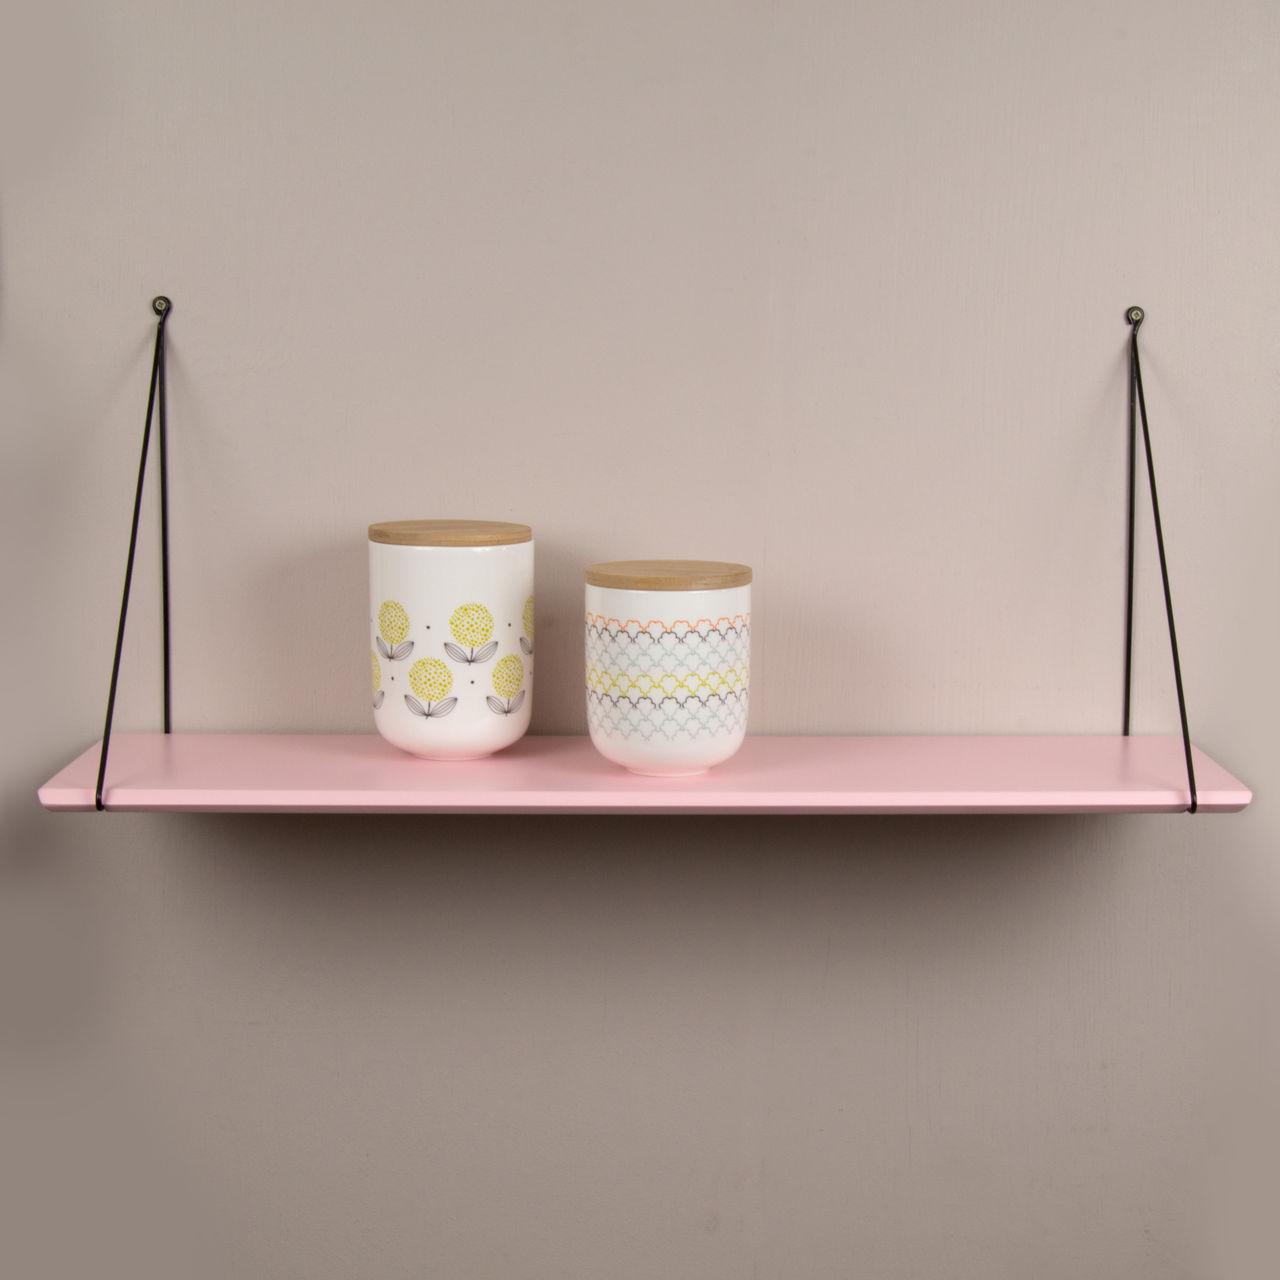 boutique la maison mobilier tables etag re babou 1 rose. Black Bedroom Furniture Sets. Home Design Ideas